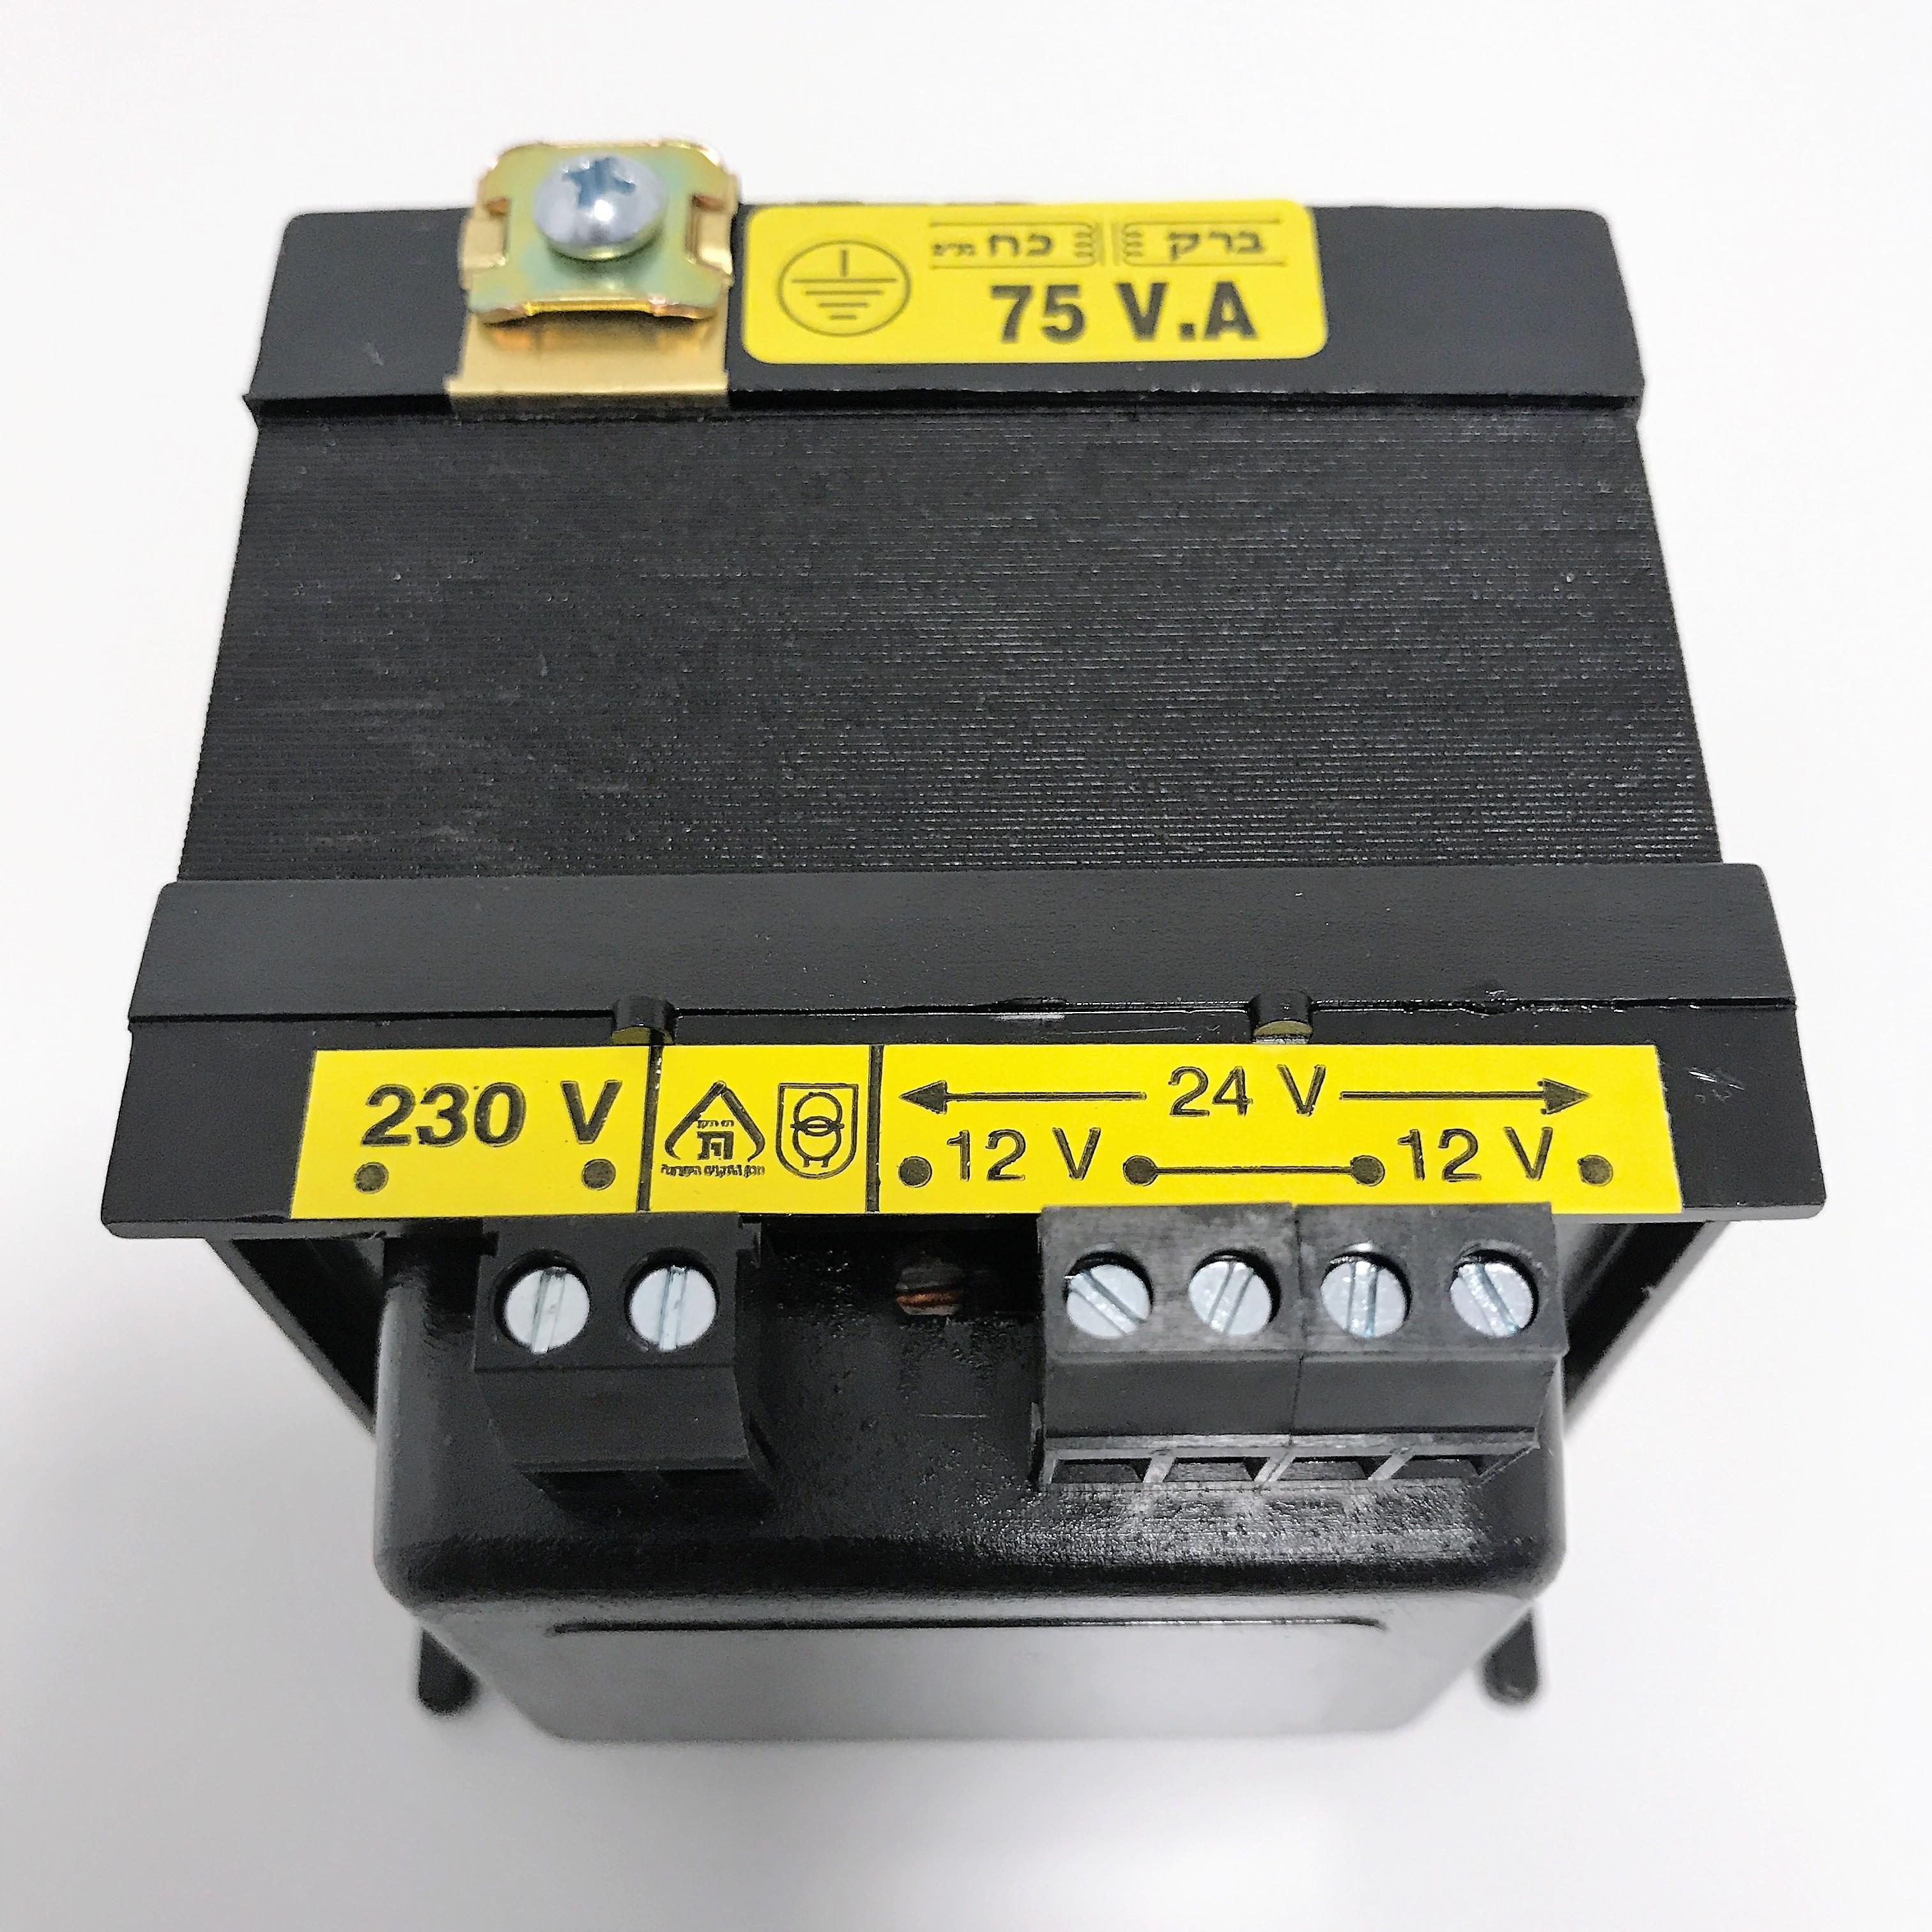 שנאי מבדל בהספק 75VA במתחים 230V-12V